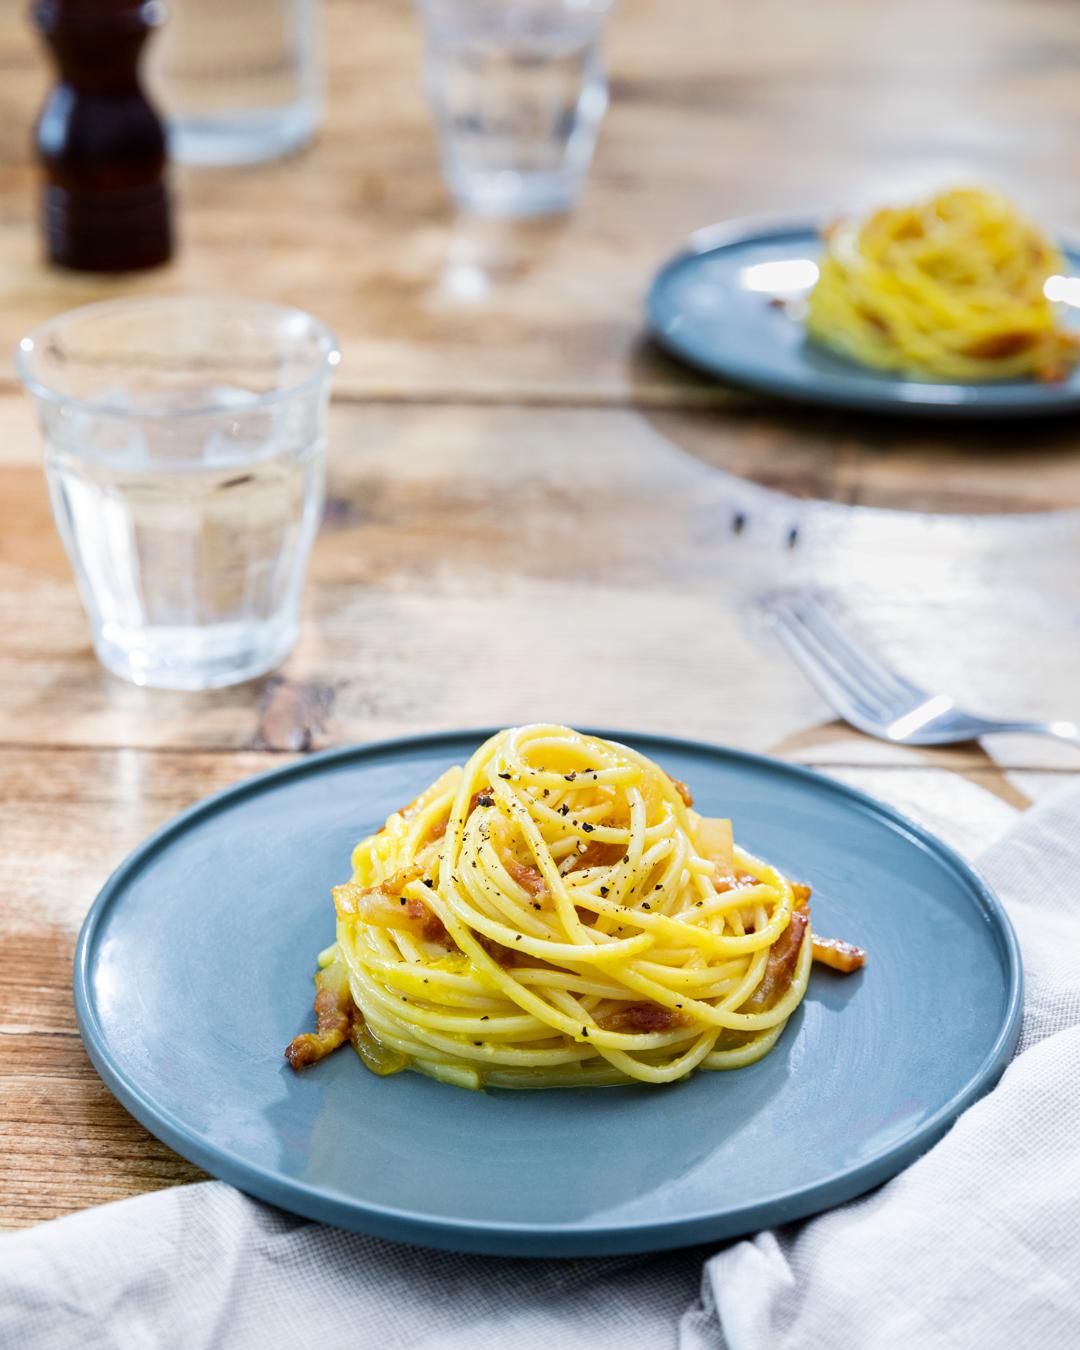 Barilla_CPU_Spaghetti alla Carbonara_shot_doubledish_4_5